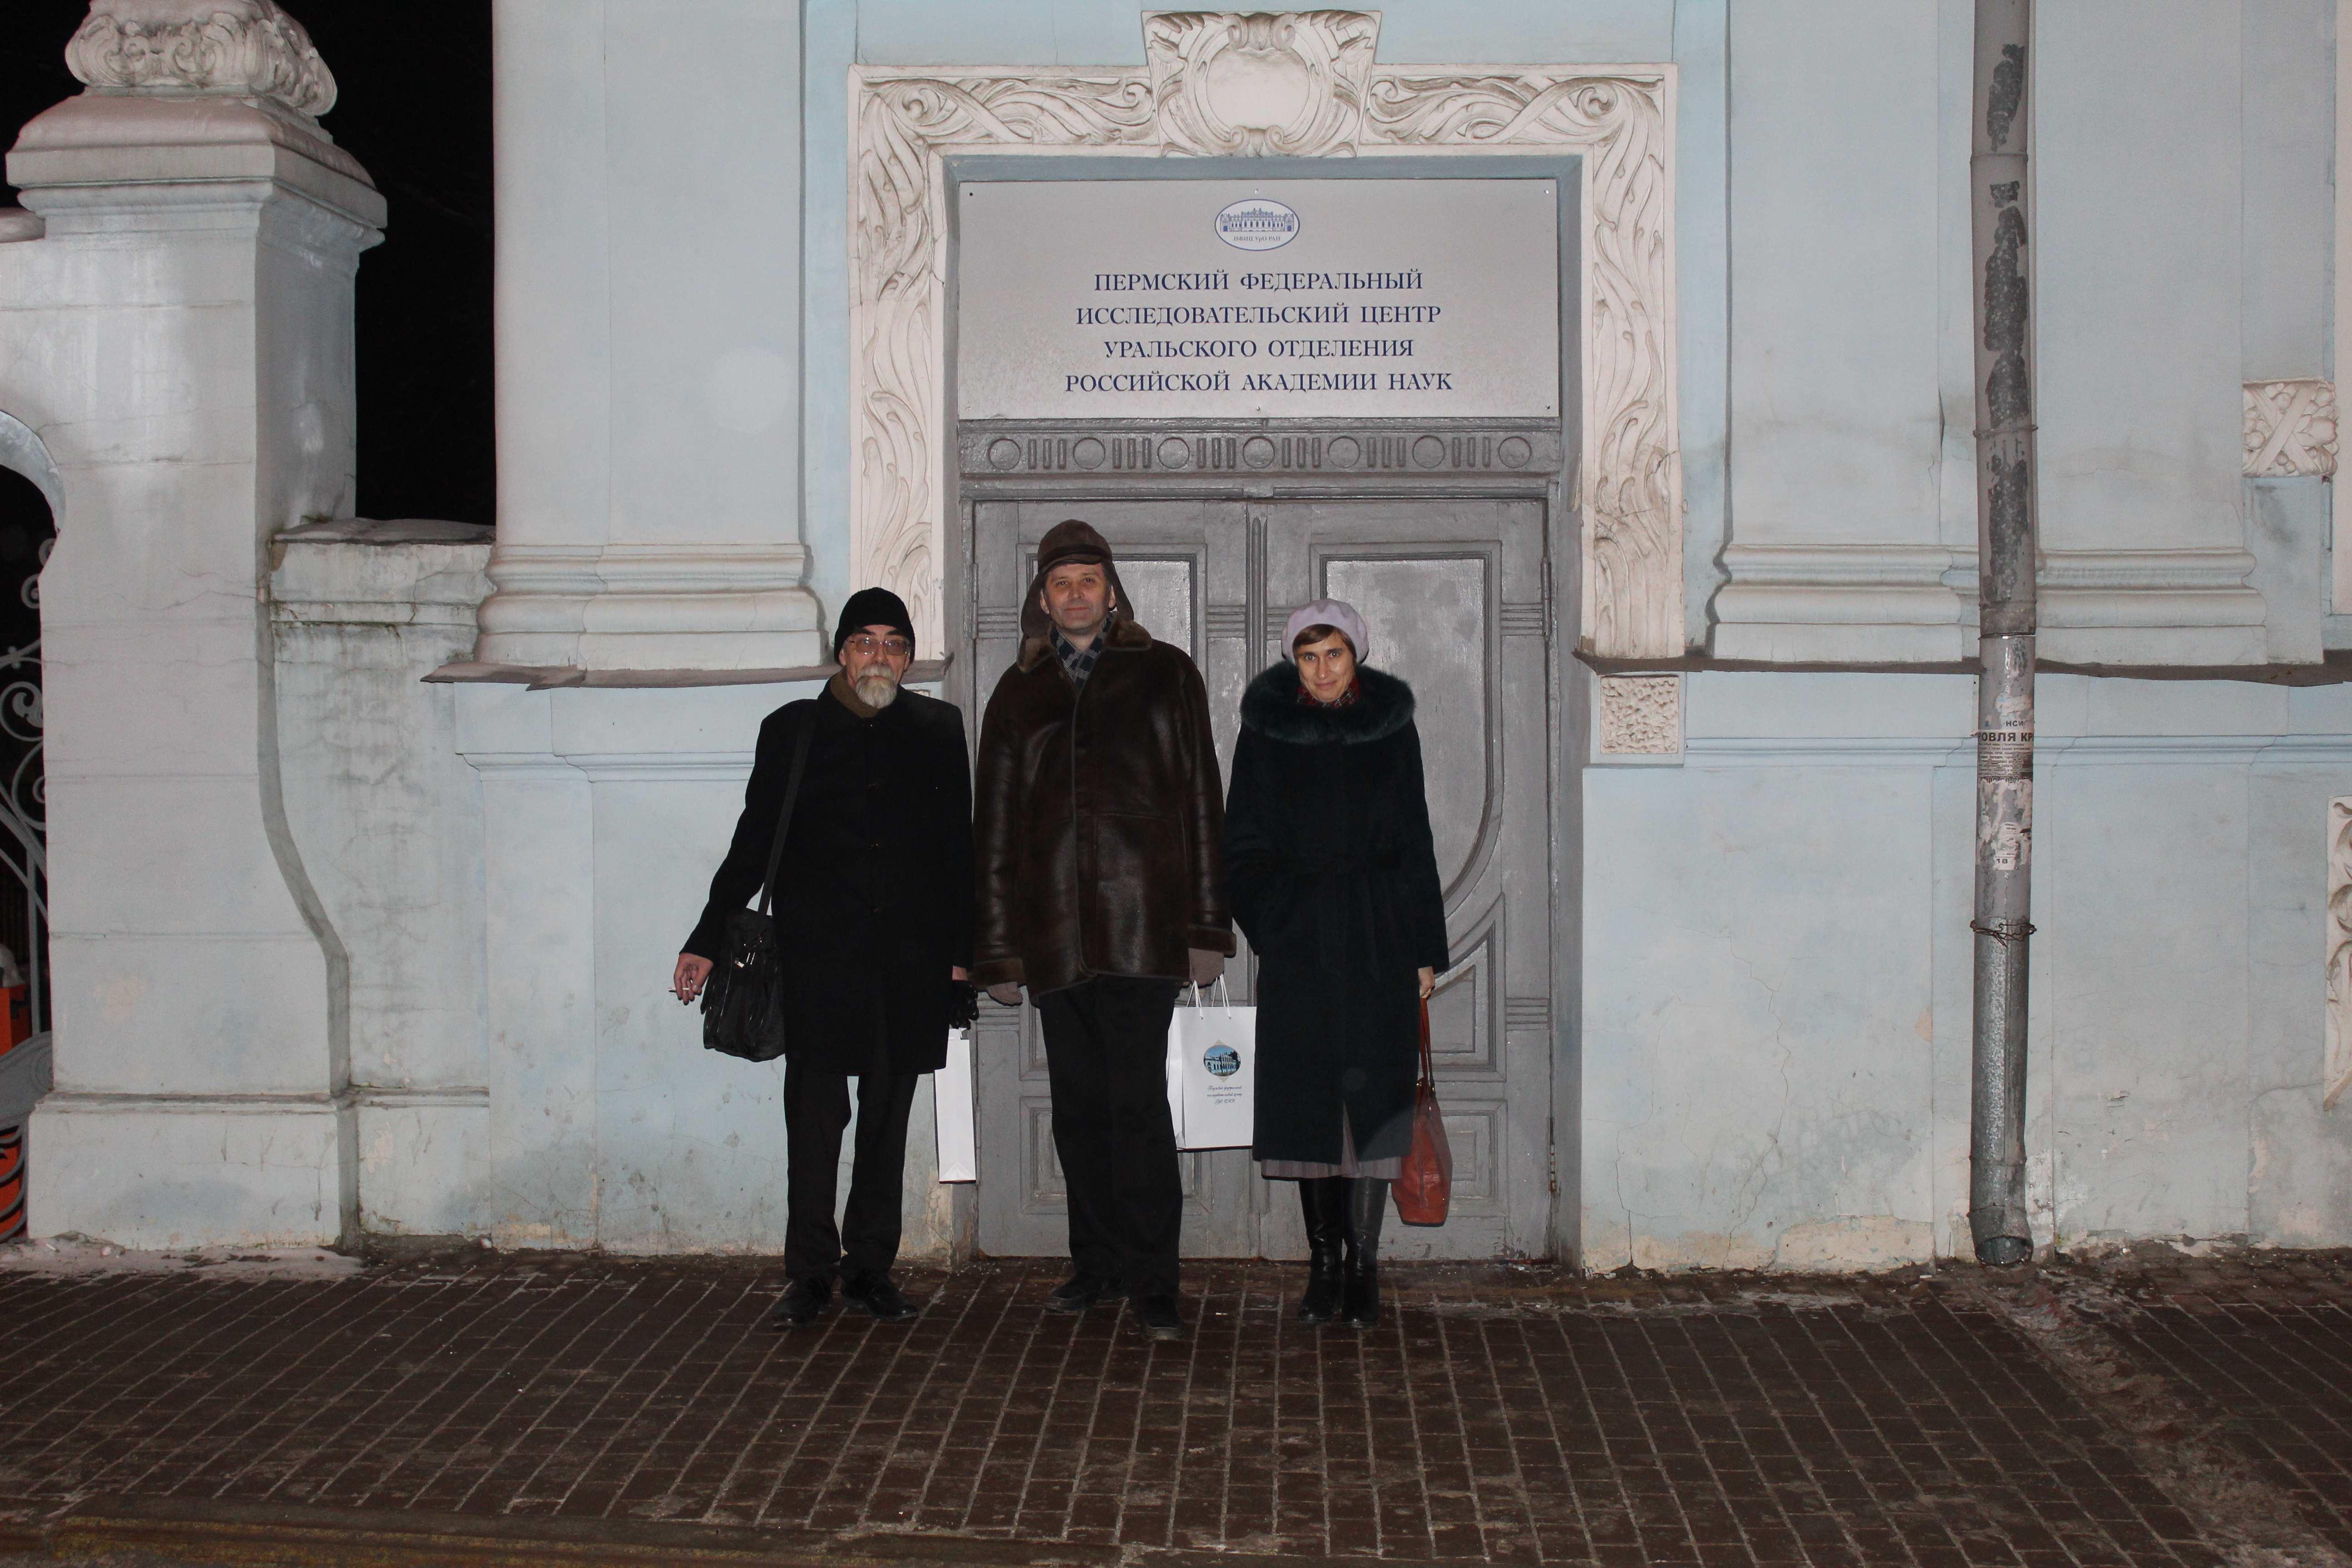 У дома Грибушиных, описанного Пастернаком под названием «дома с фигурами» в романе «Доктор Живаго». Ныне в этом здании помещается Пермский научный центр Уральского отделения АН.